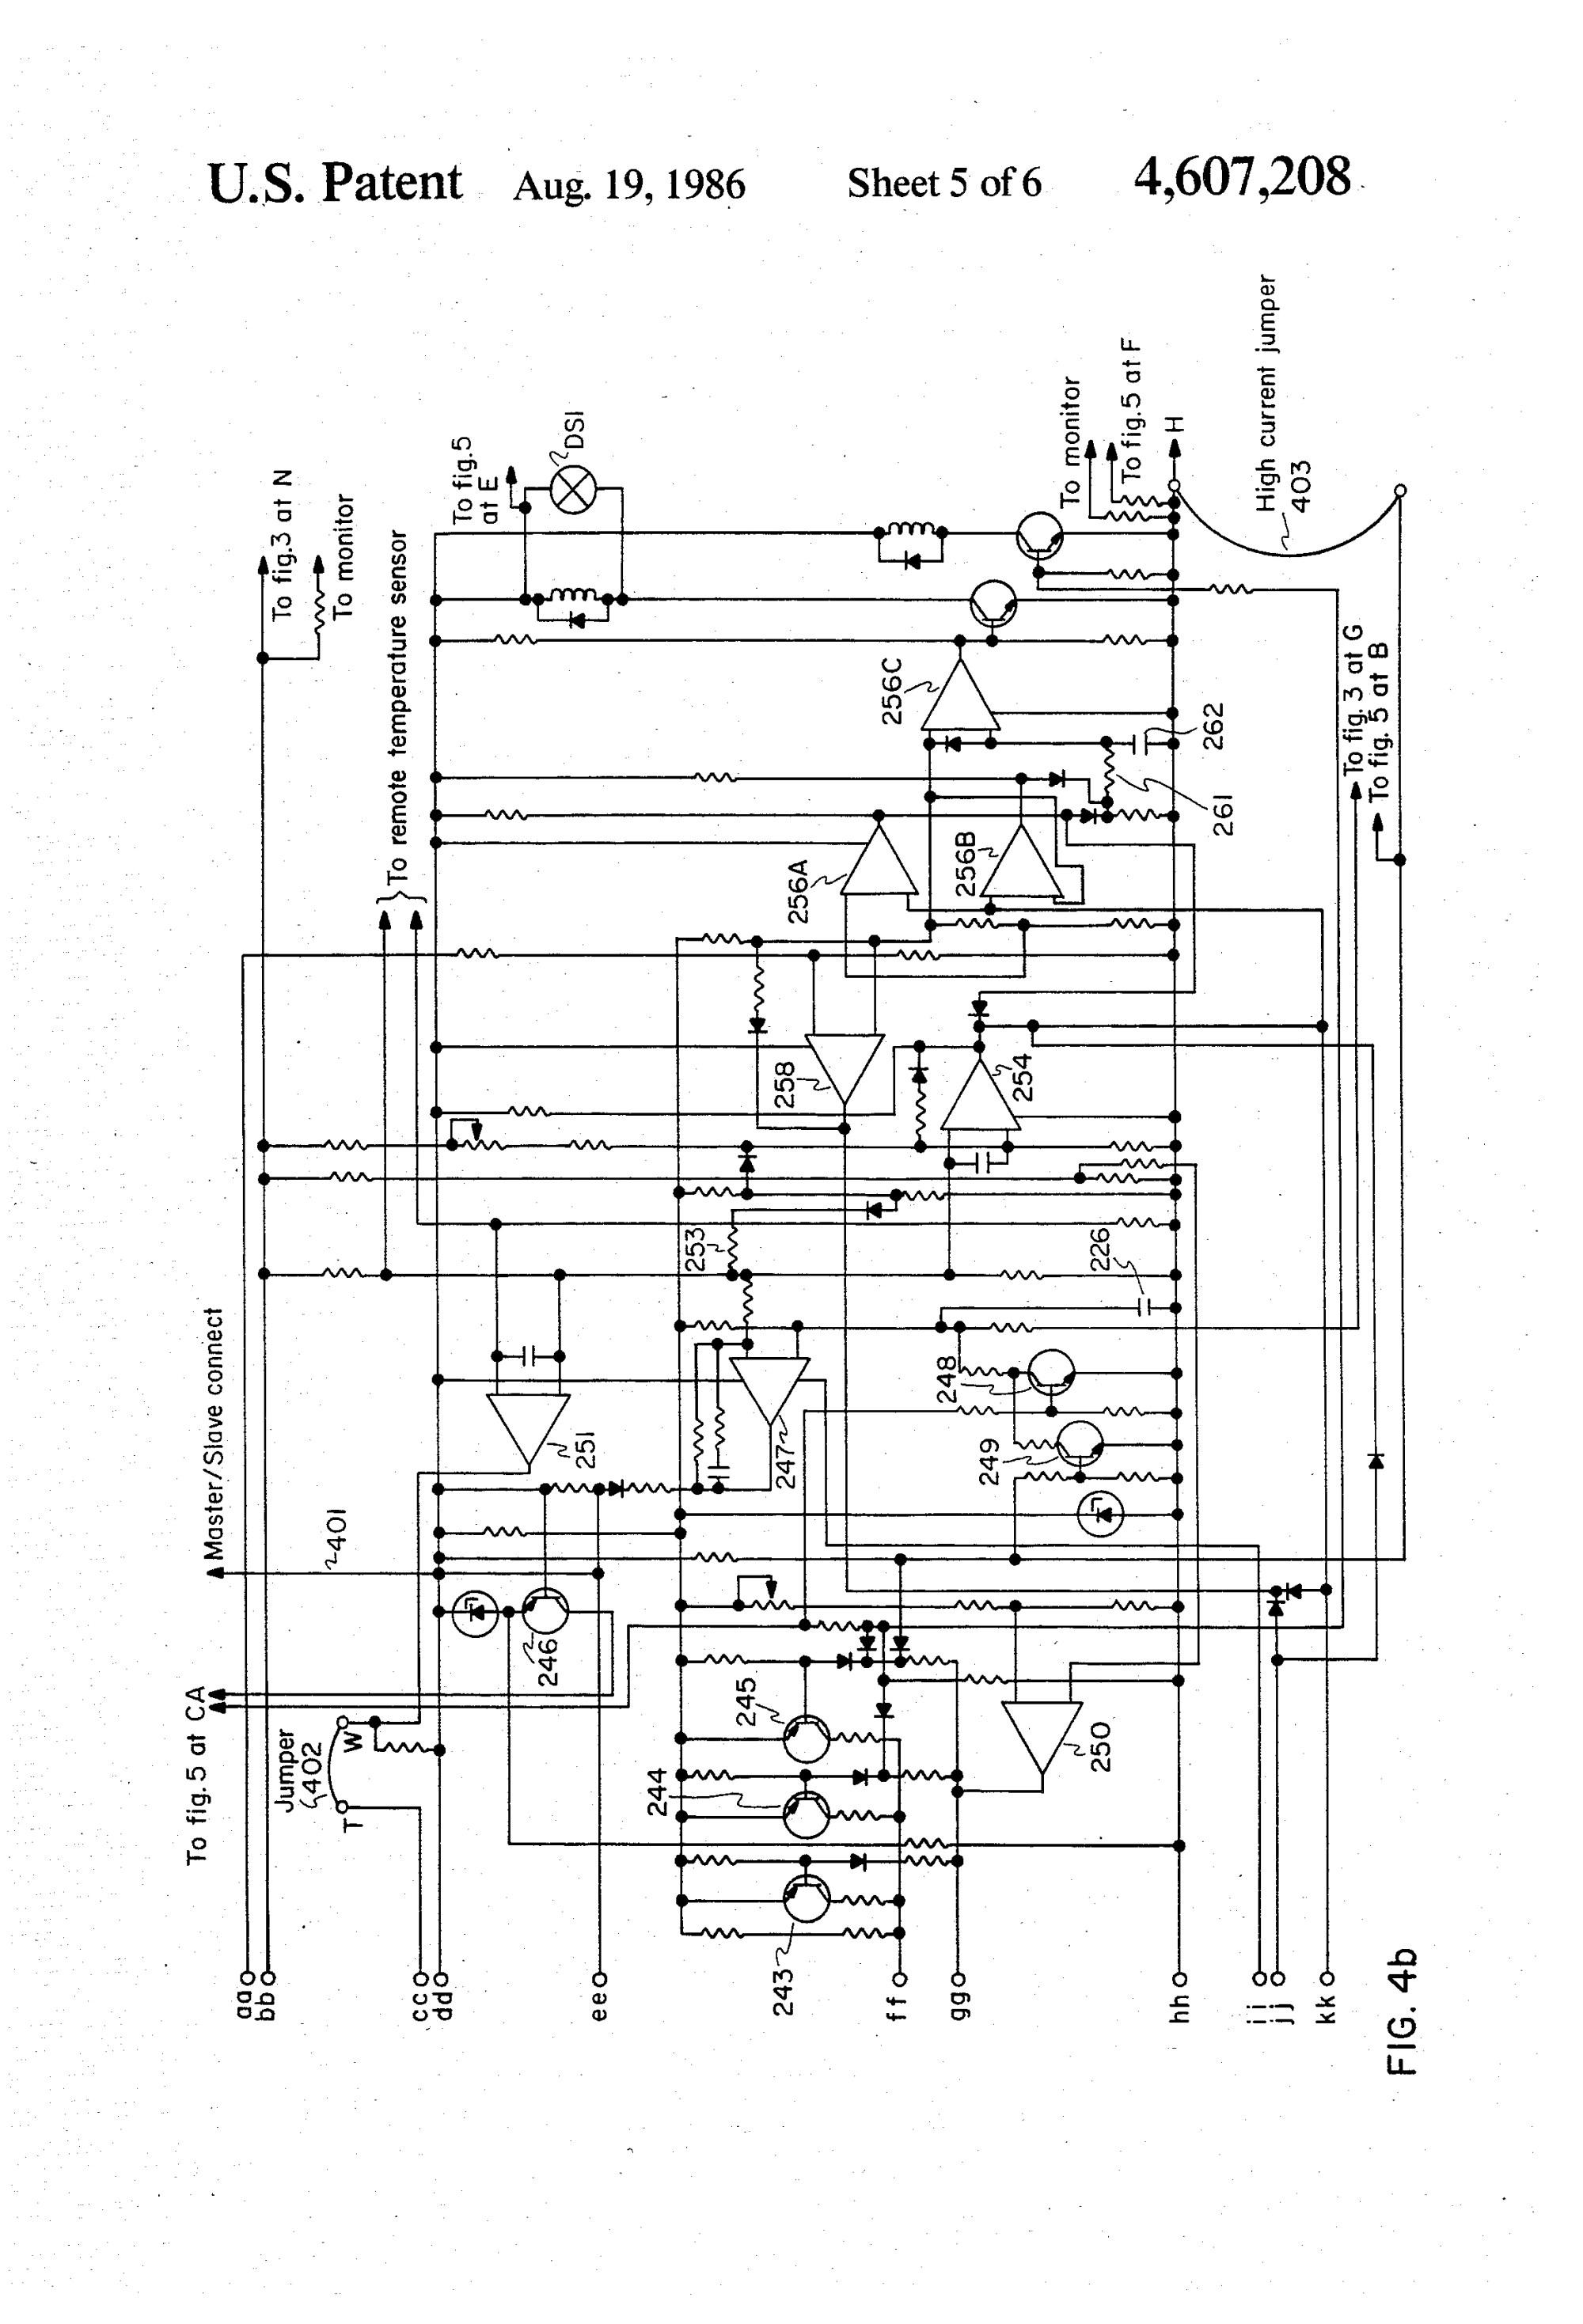 hight resolution of schumacher se 4022 wiring diagram sample wiring diagram 1996 cbr 600 honda wiring diagram honda cbr 600 wiring diagram